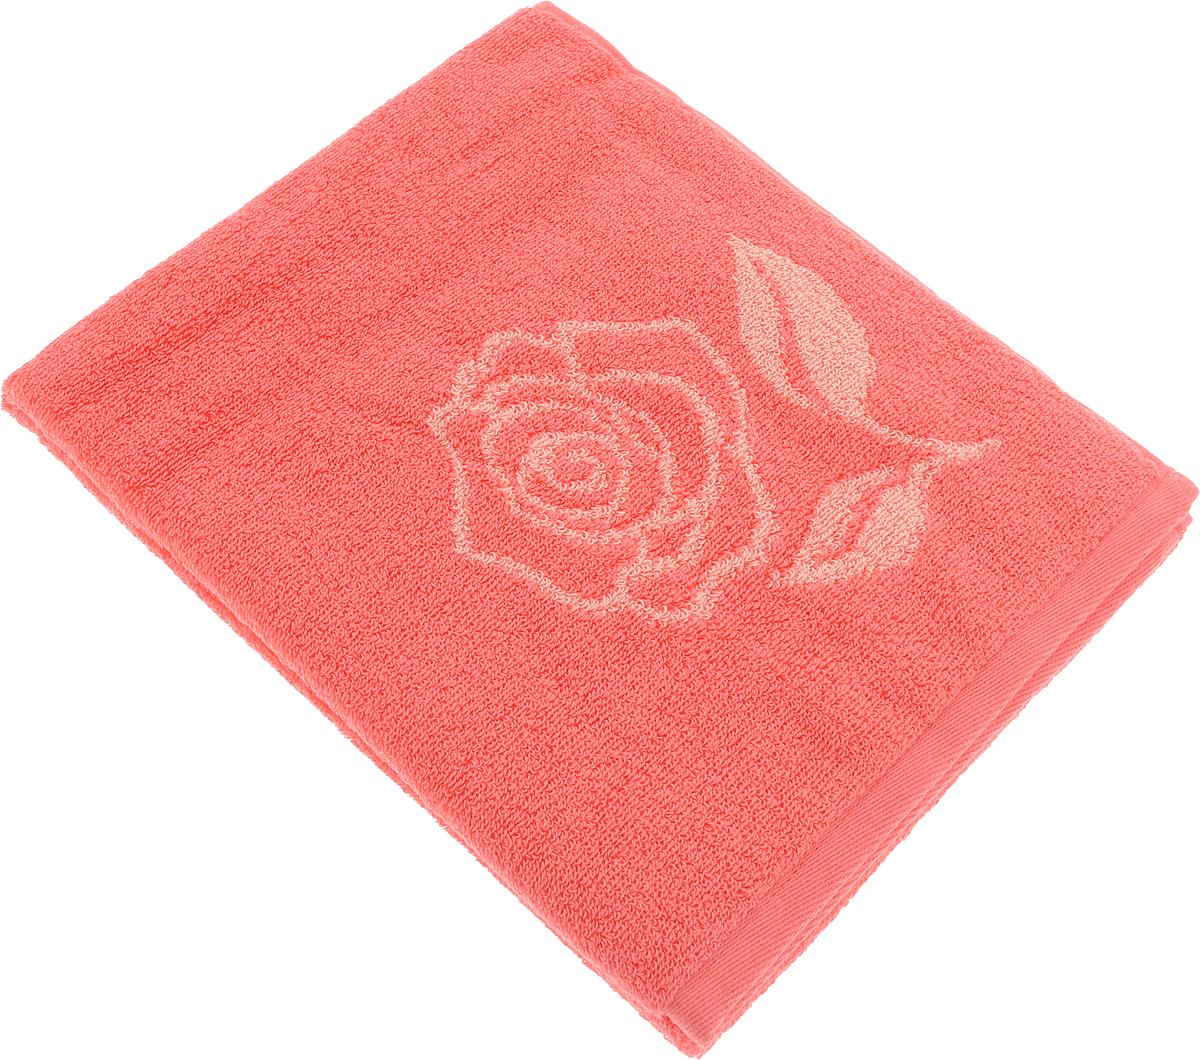 Полотенце банное Aquarelle Розы 1, цвет: розово-персиковый, коралловый, 50 х 90 см. 710445 полотенце махровое aquarelle таллин 1 цвет ваниль 50 х 90 см 707762